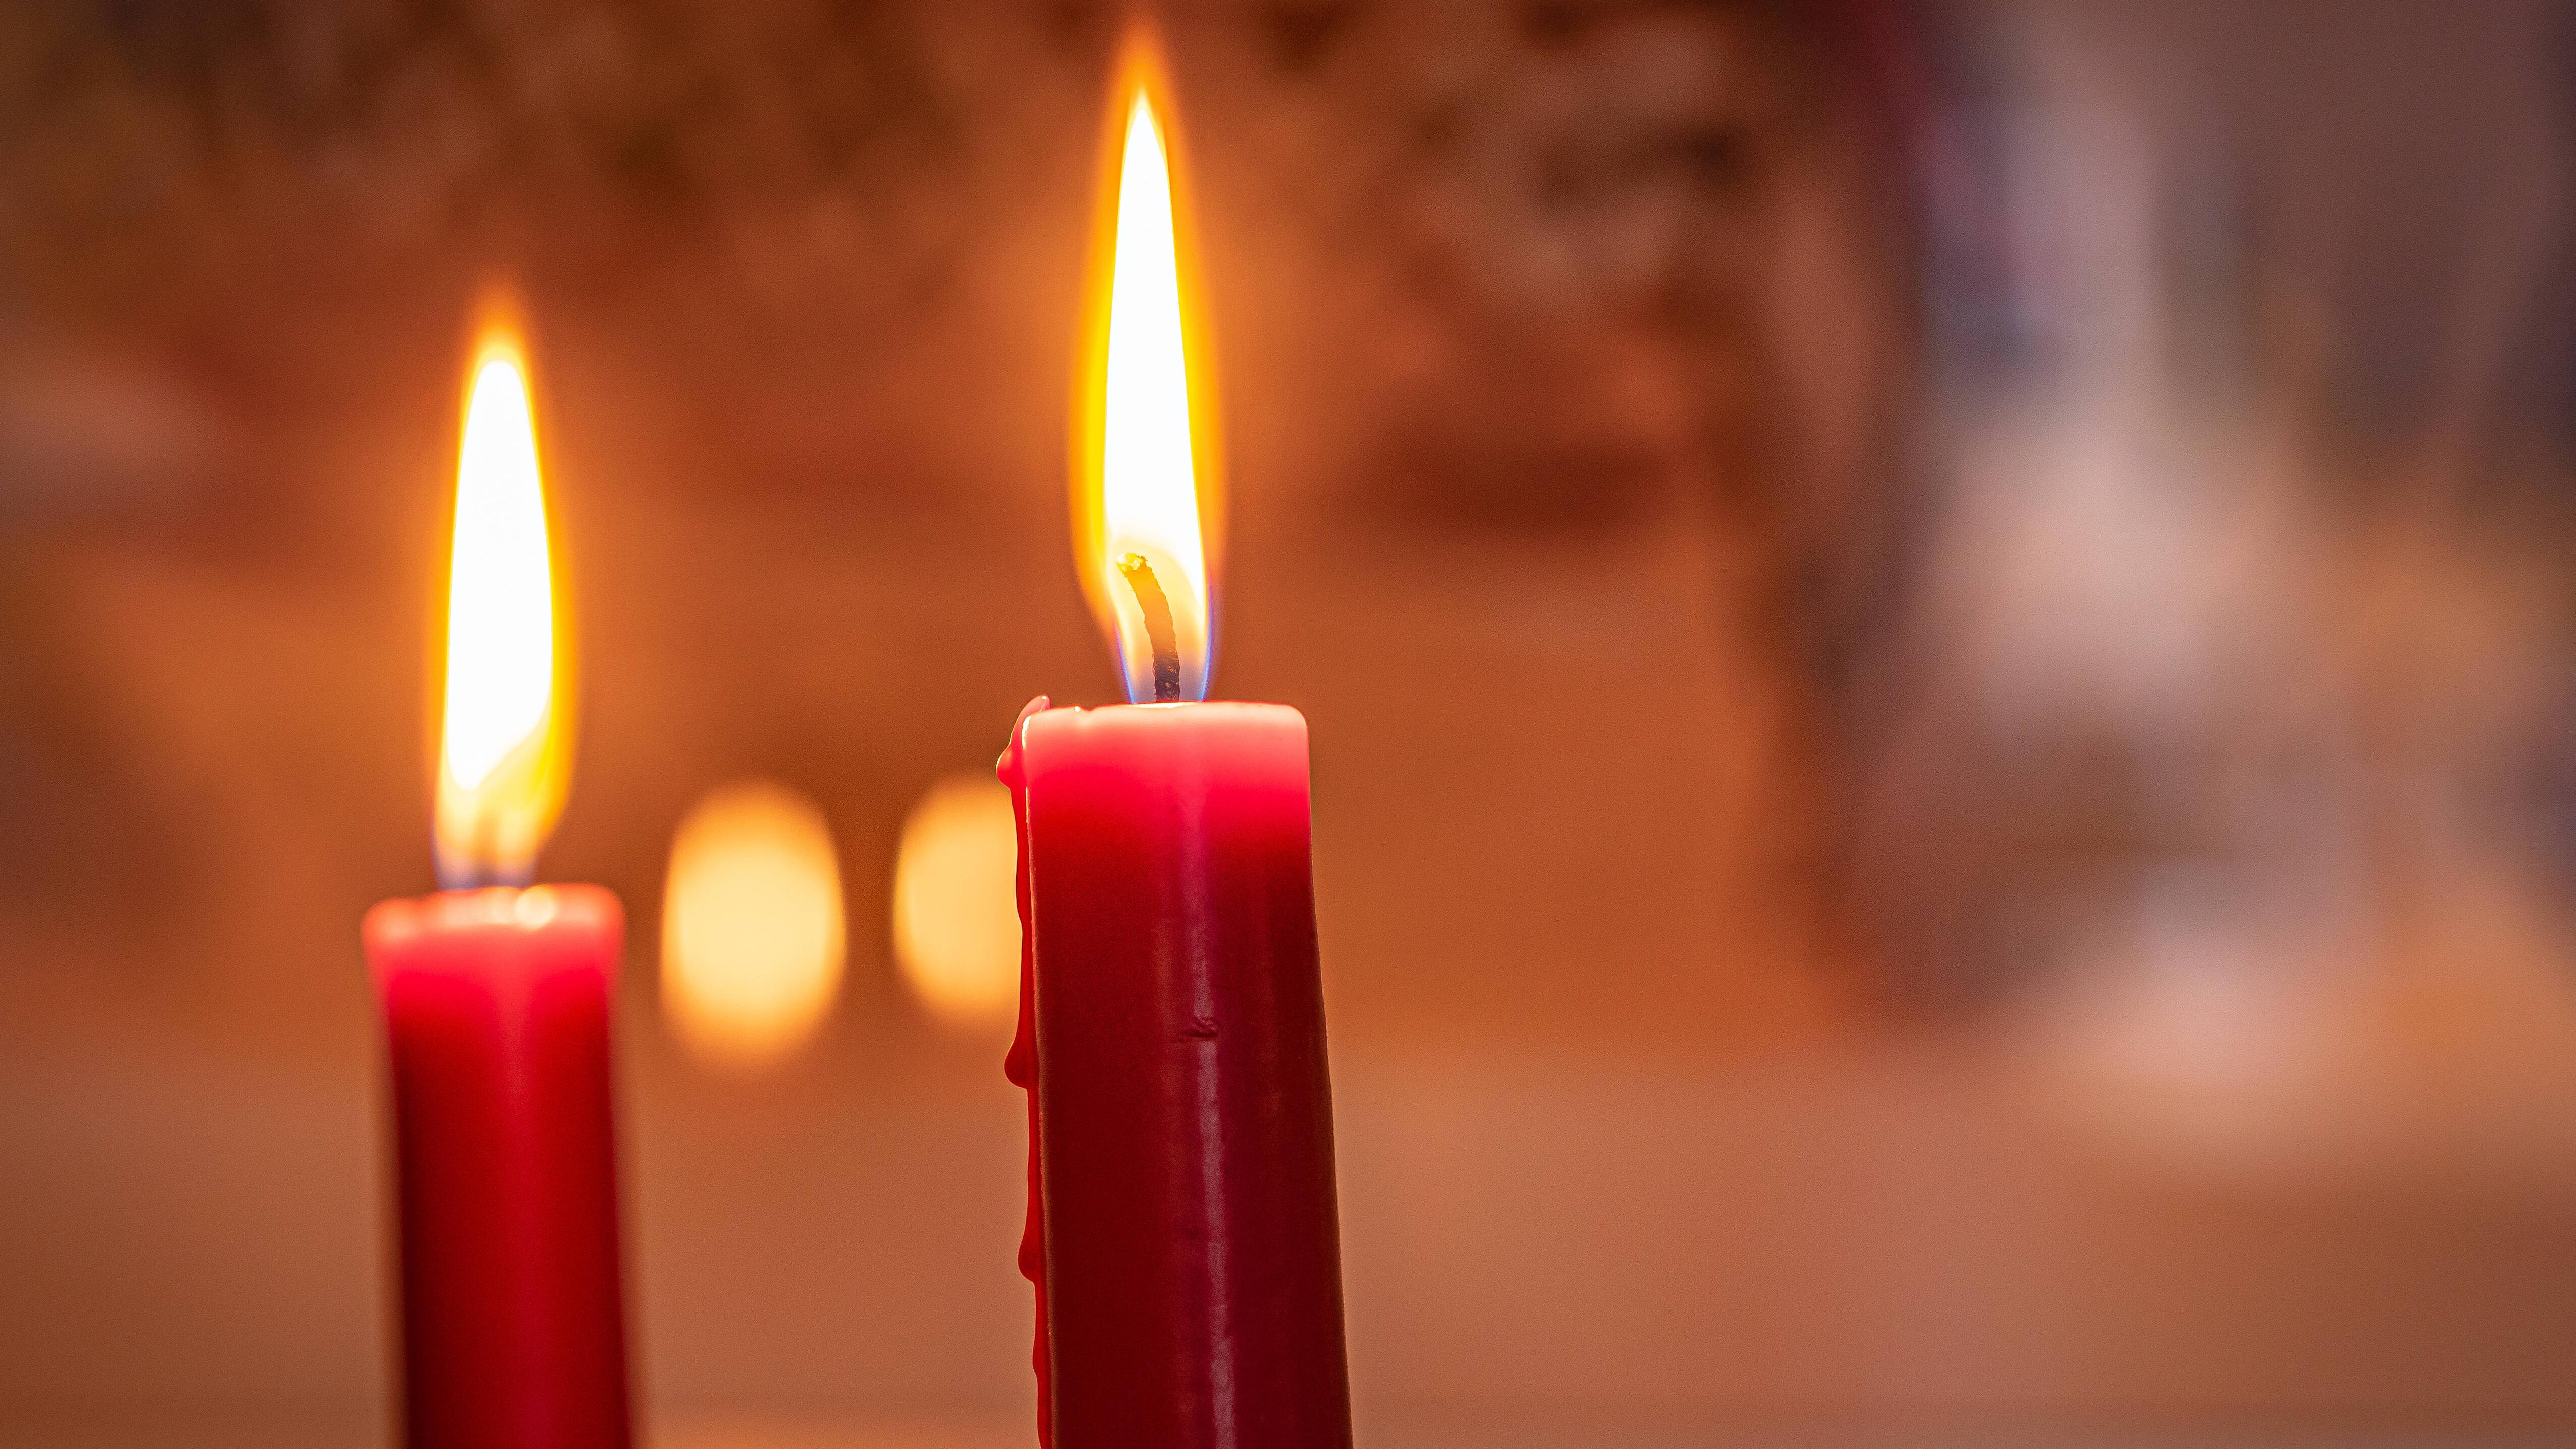 Kerzen selbst gestalten: 3 tolle Ideen